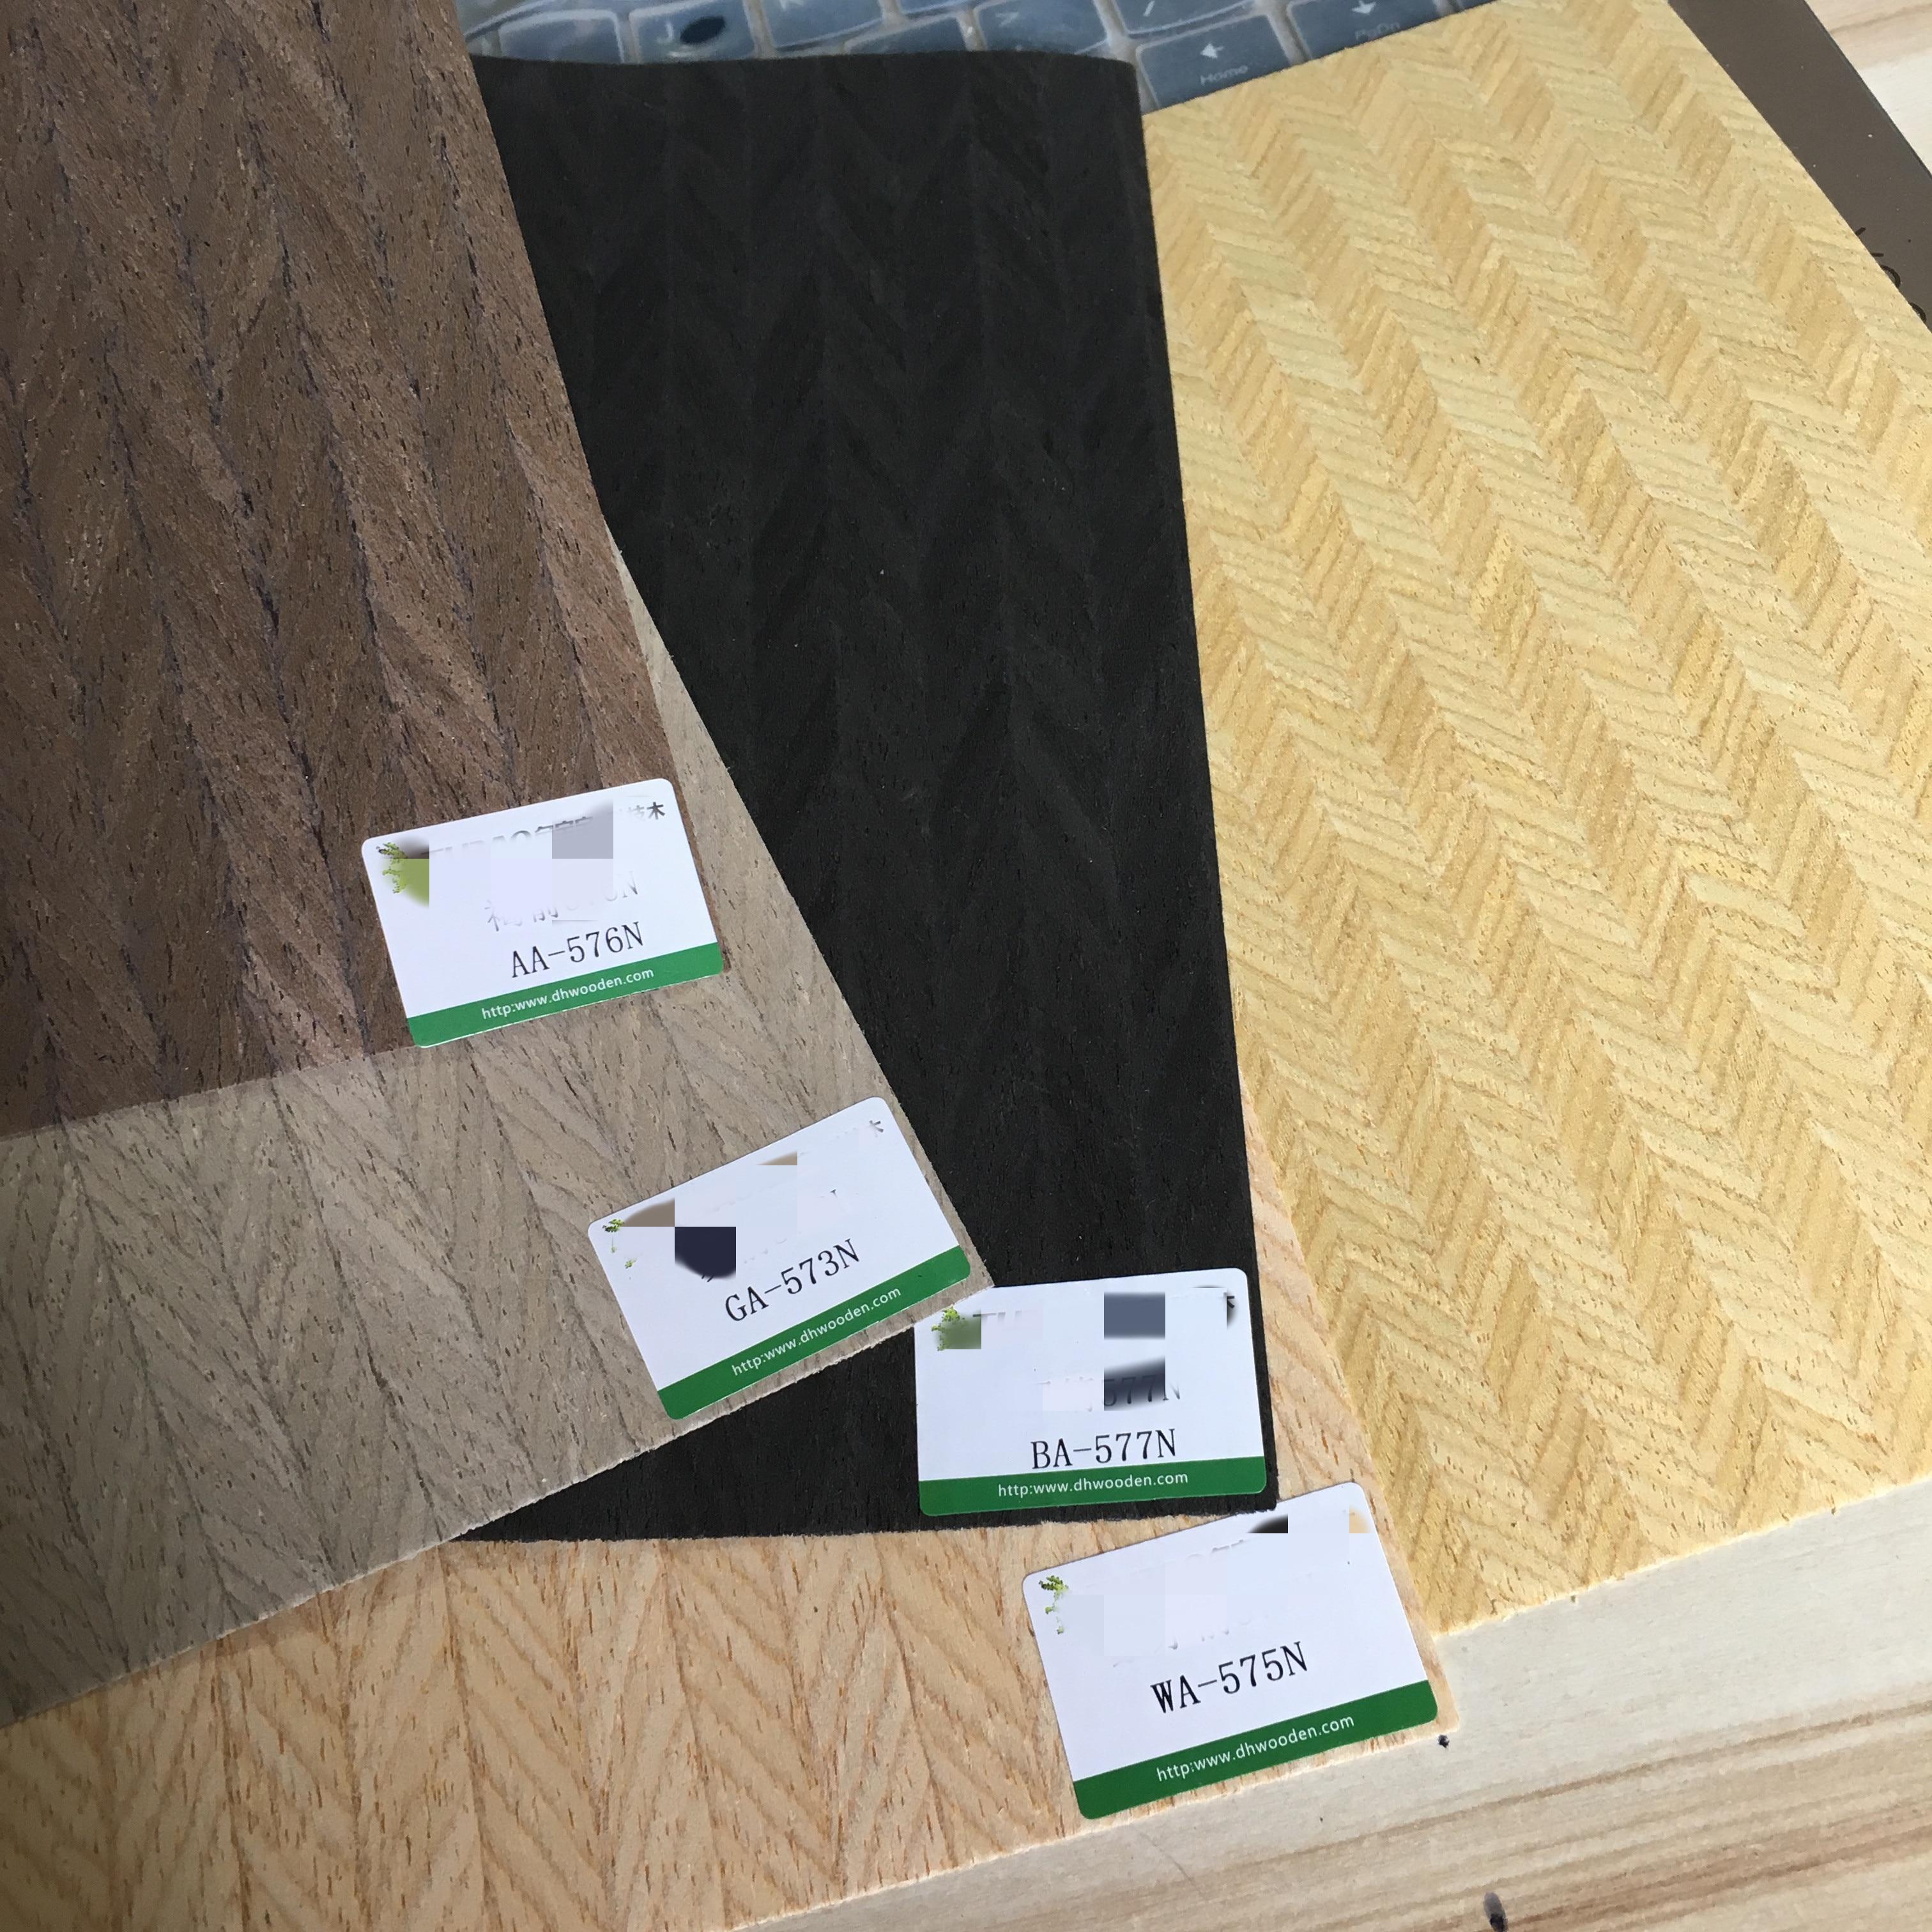 1x placage artificiel placage technique bois tranché placage d'ingénierie E.V. 64cm x 2.5m flèche C/C noir marron gris ivoire